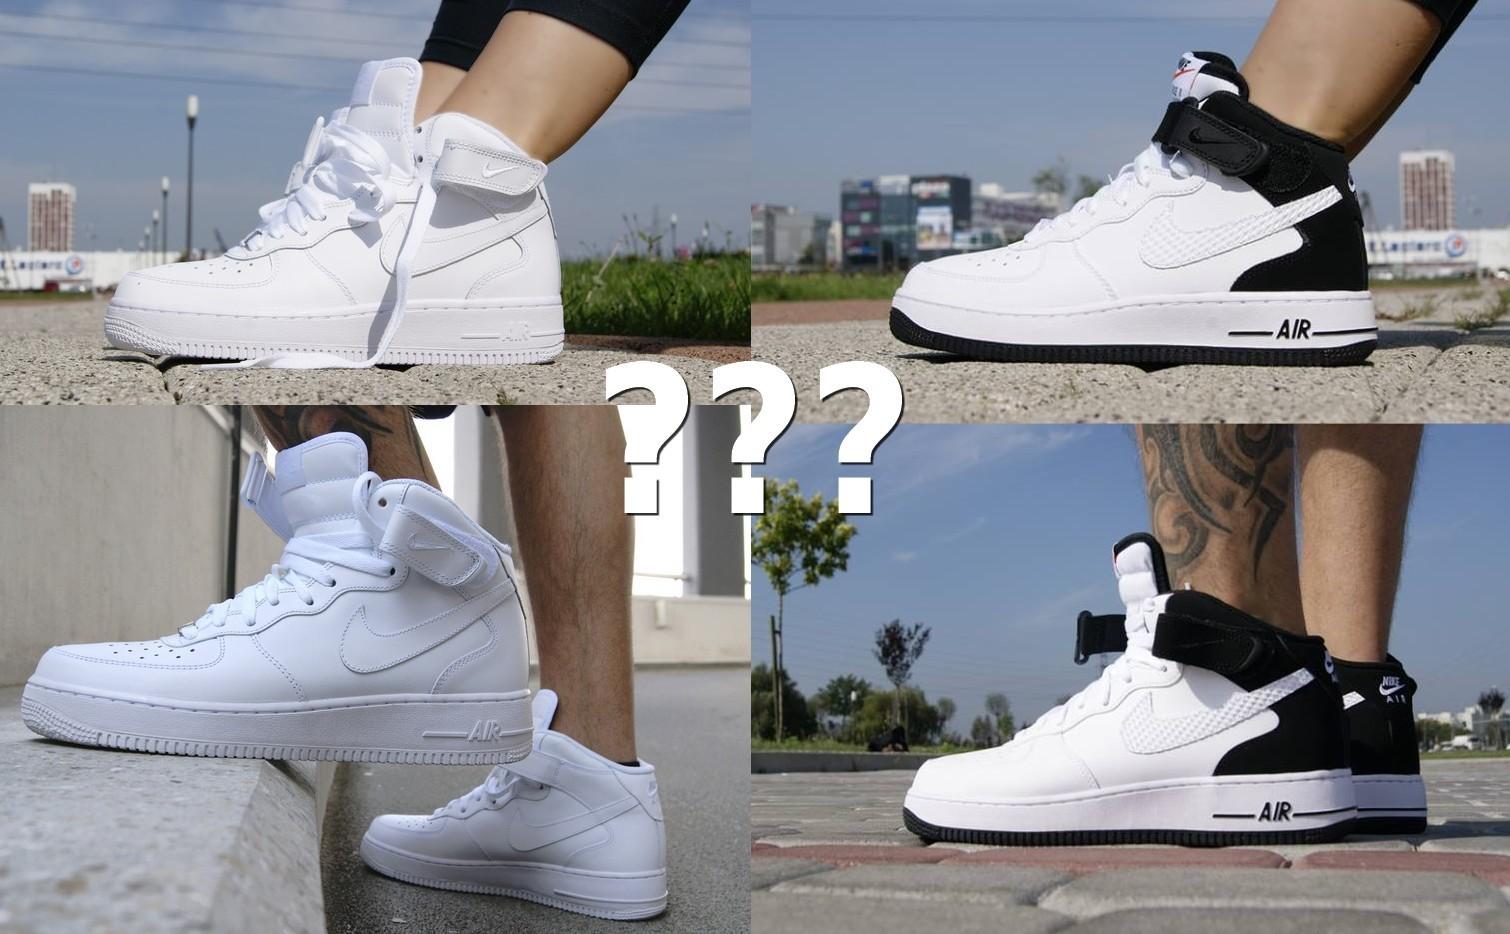 Nike Air Max Damskie Na Nogach .pl